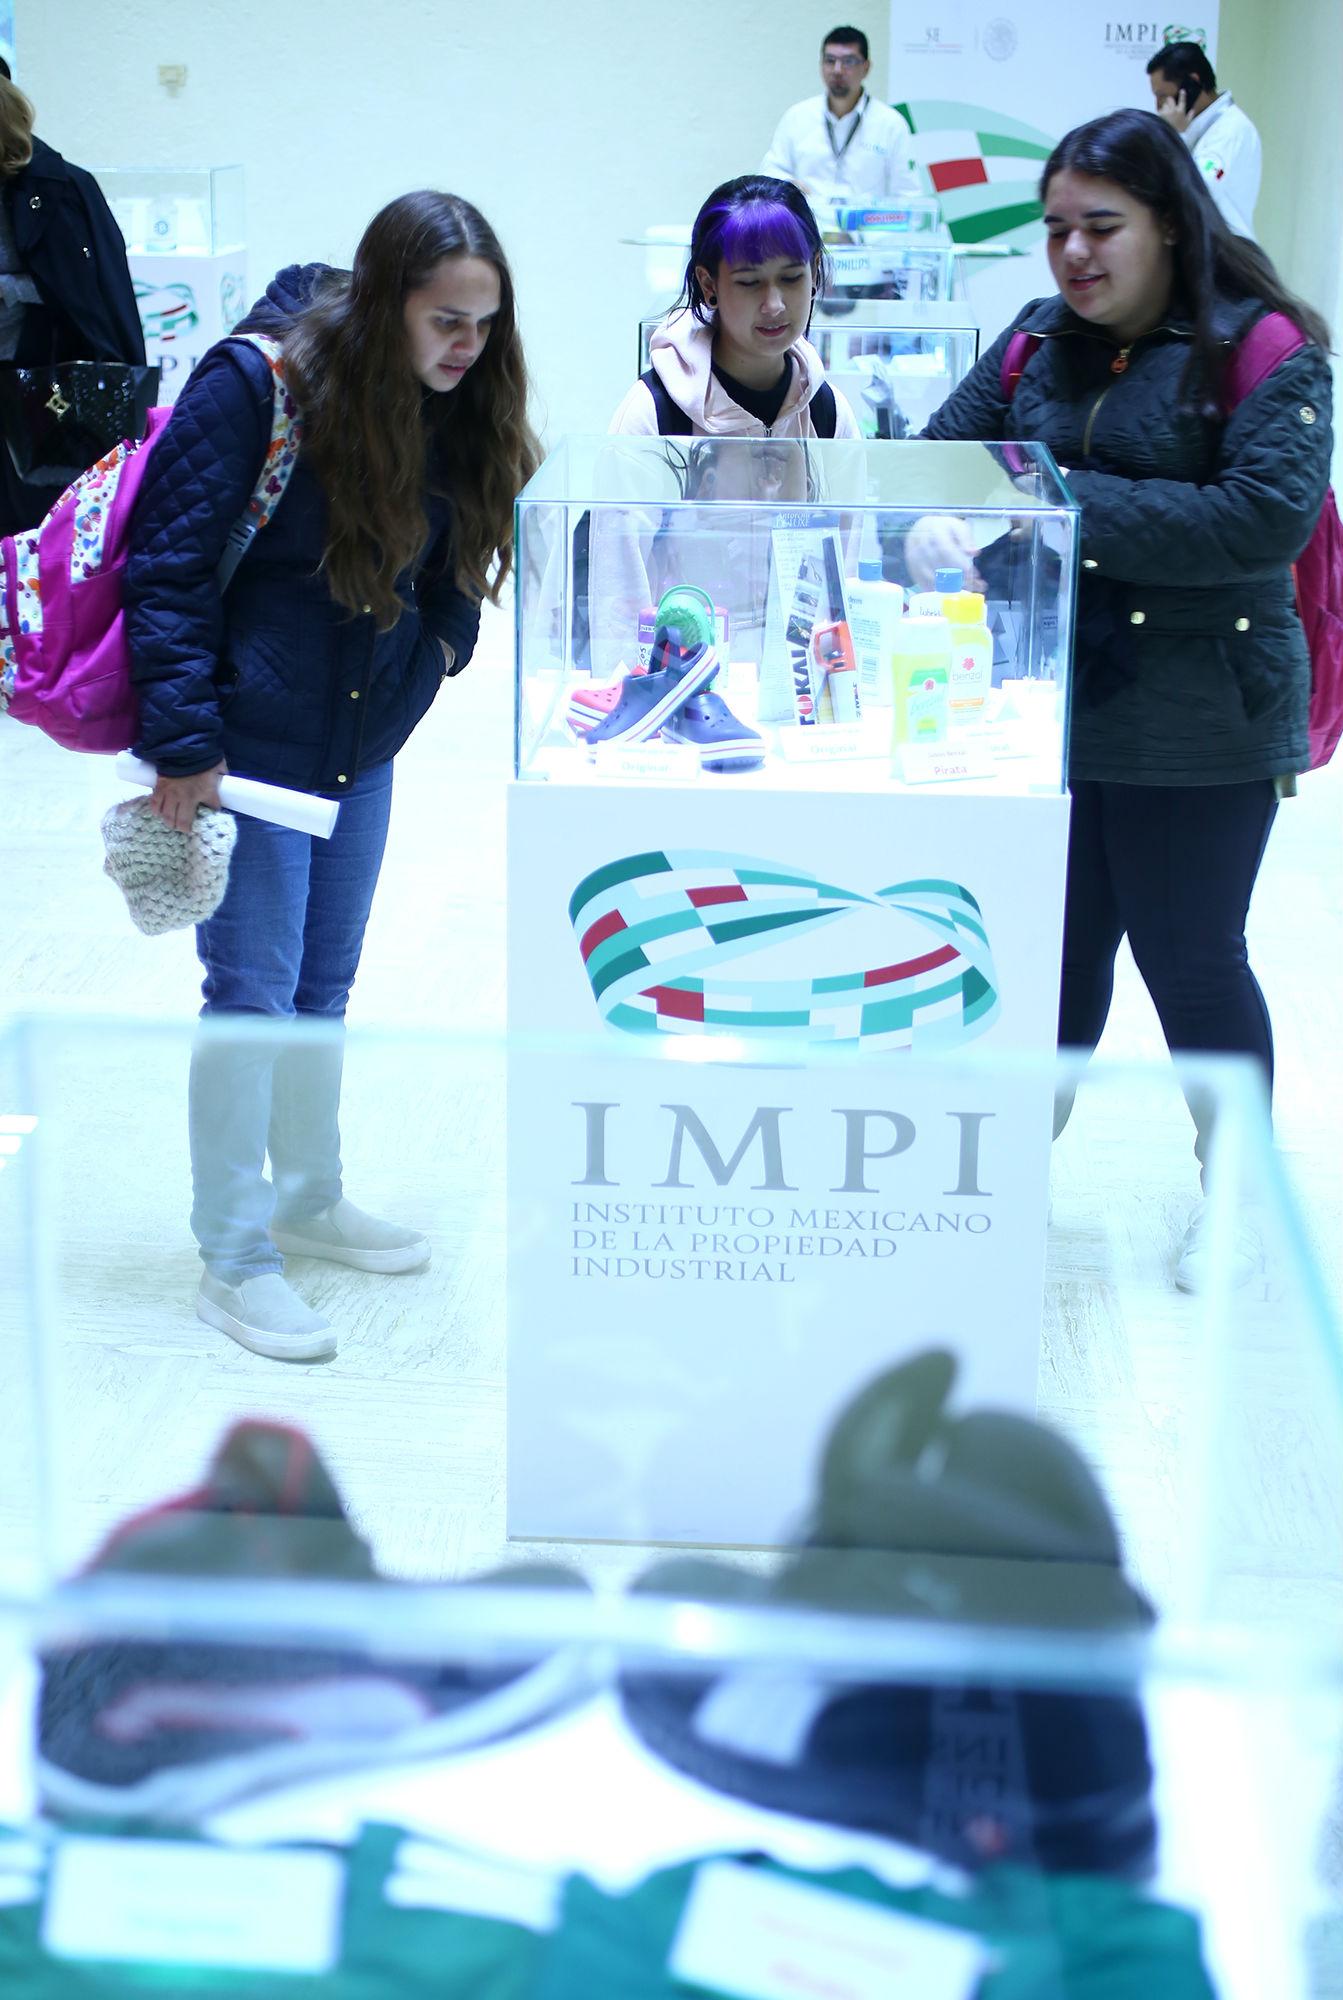 El IMPI expuso distintos productos originales y la copia